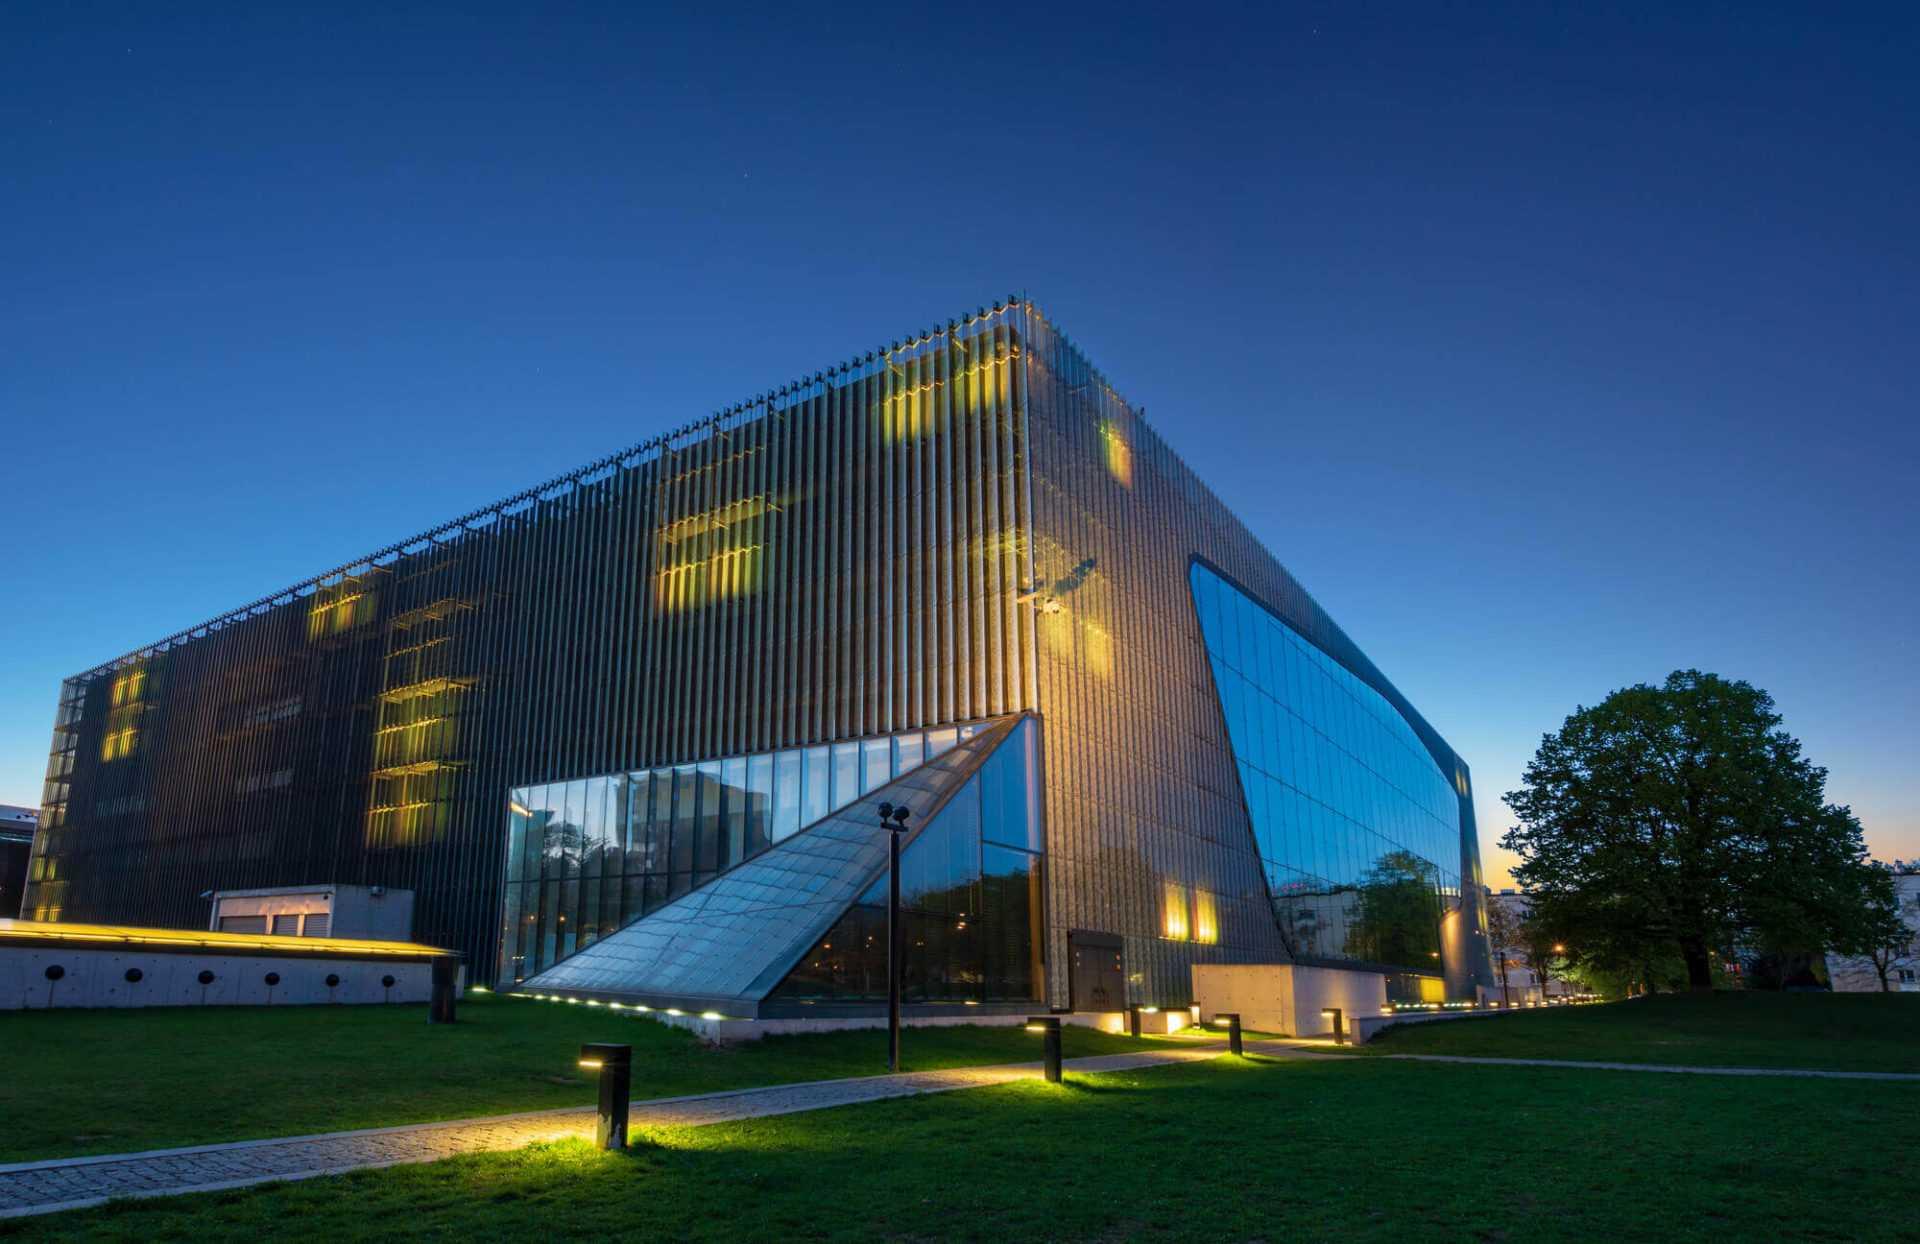 המוזיאון היהודי בורשה - כרטיסים, מחירים, המלצות וכל הפרטים!